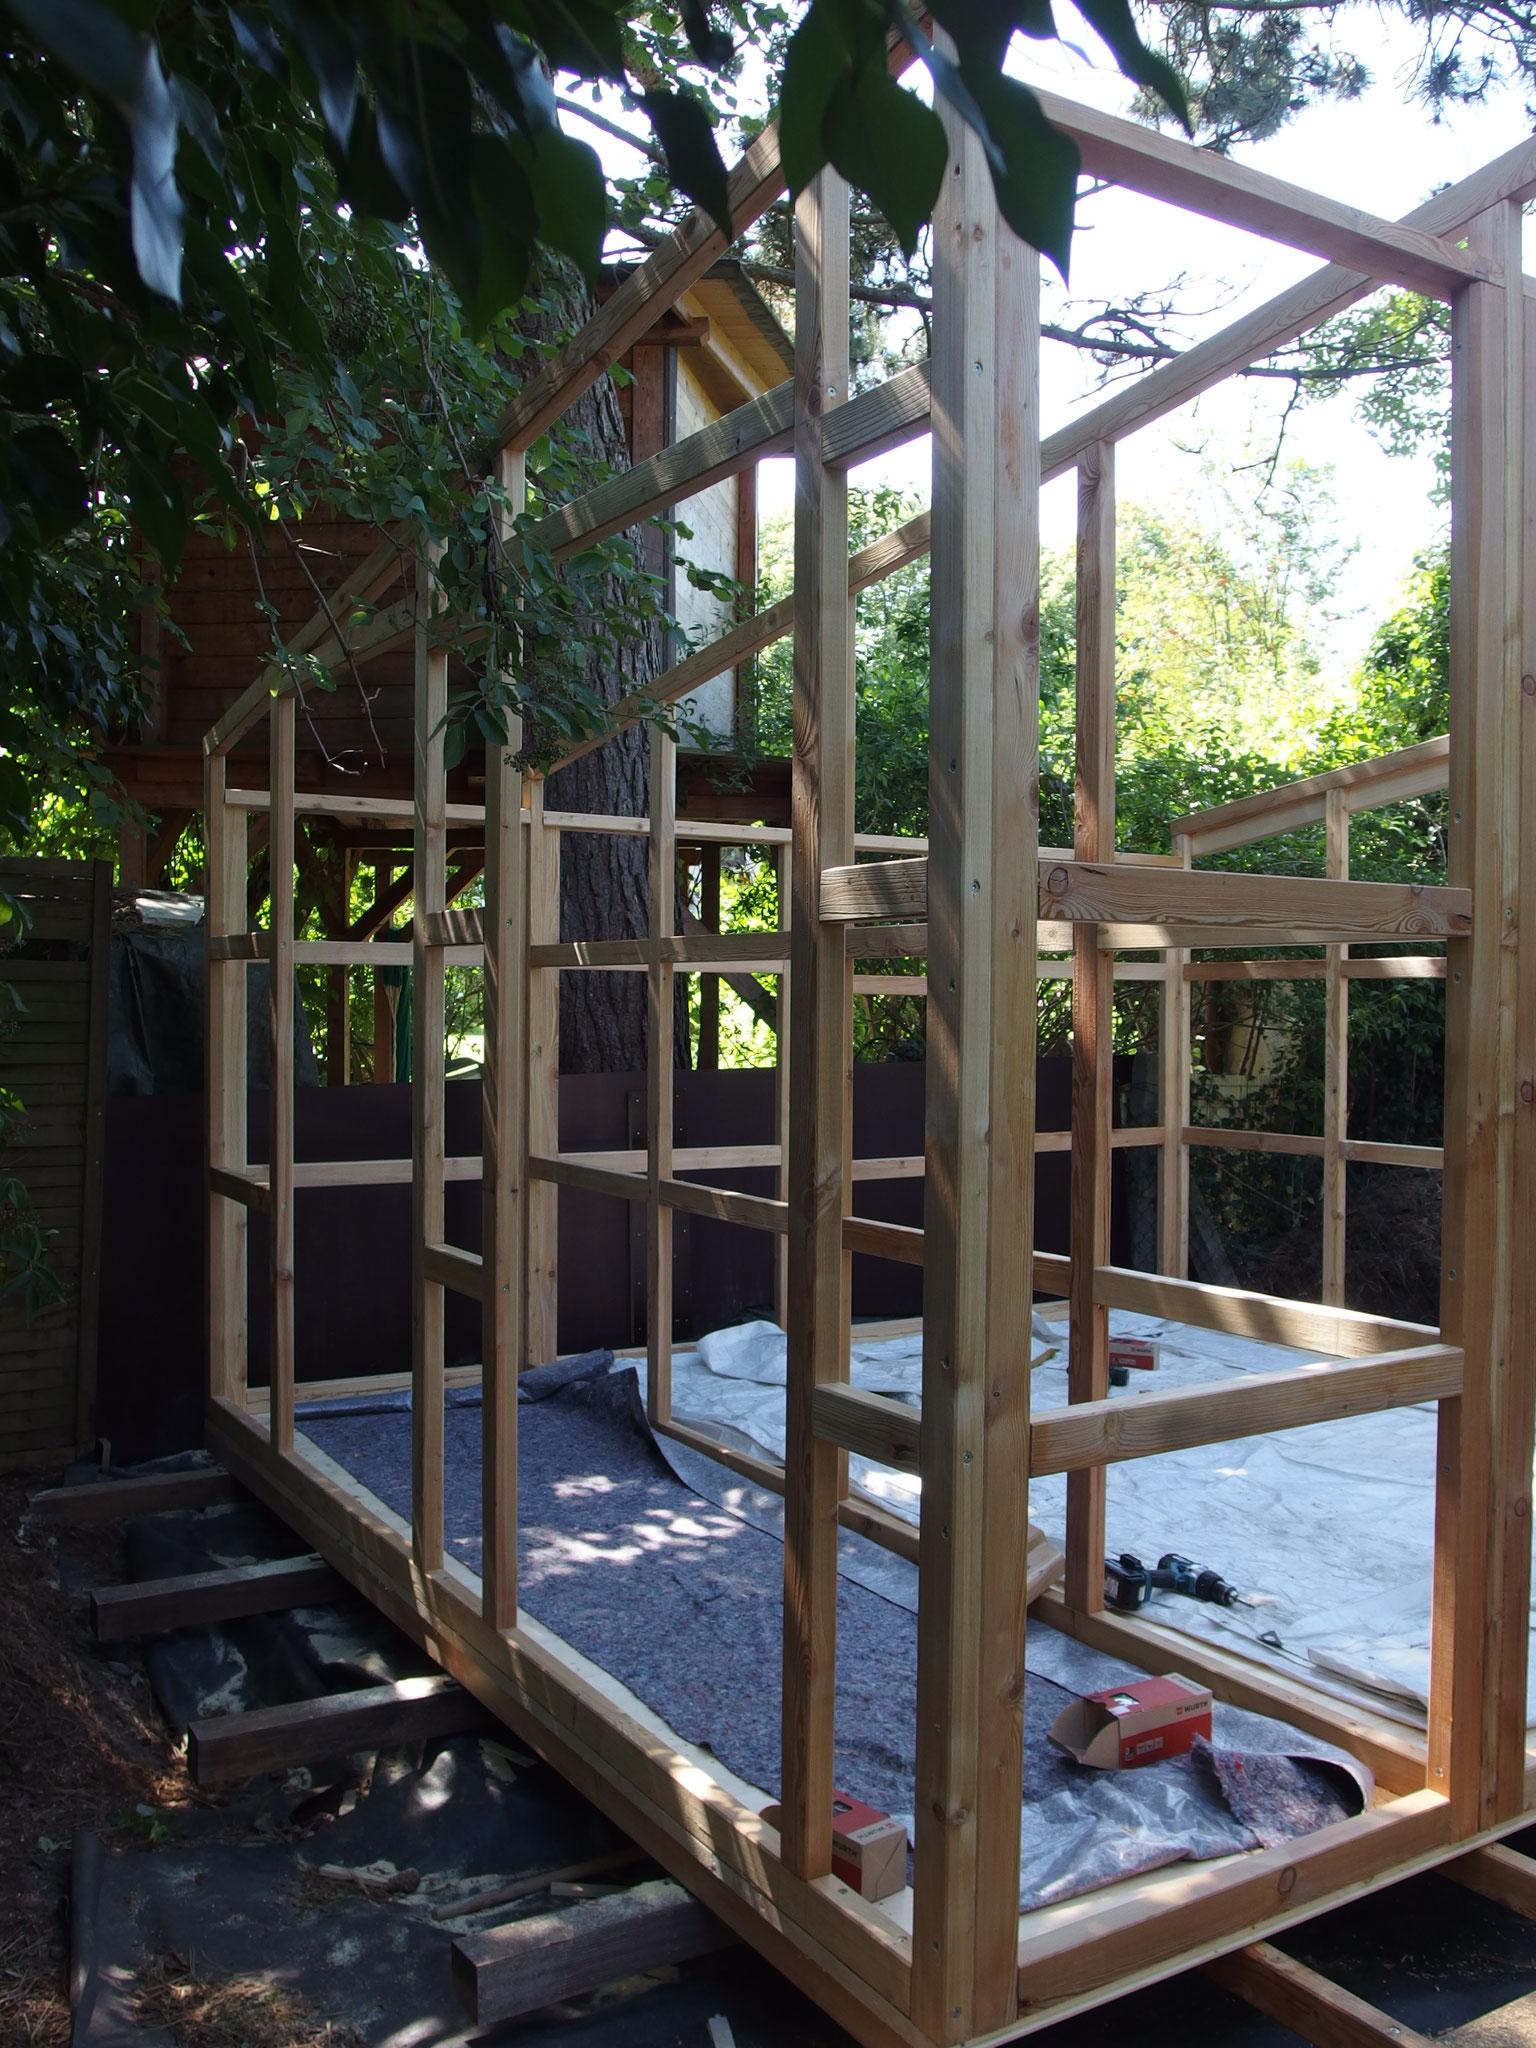 Gartenhaus in Rahmenbauweise